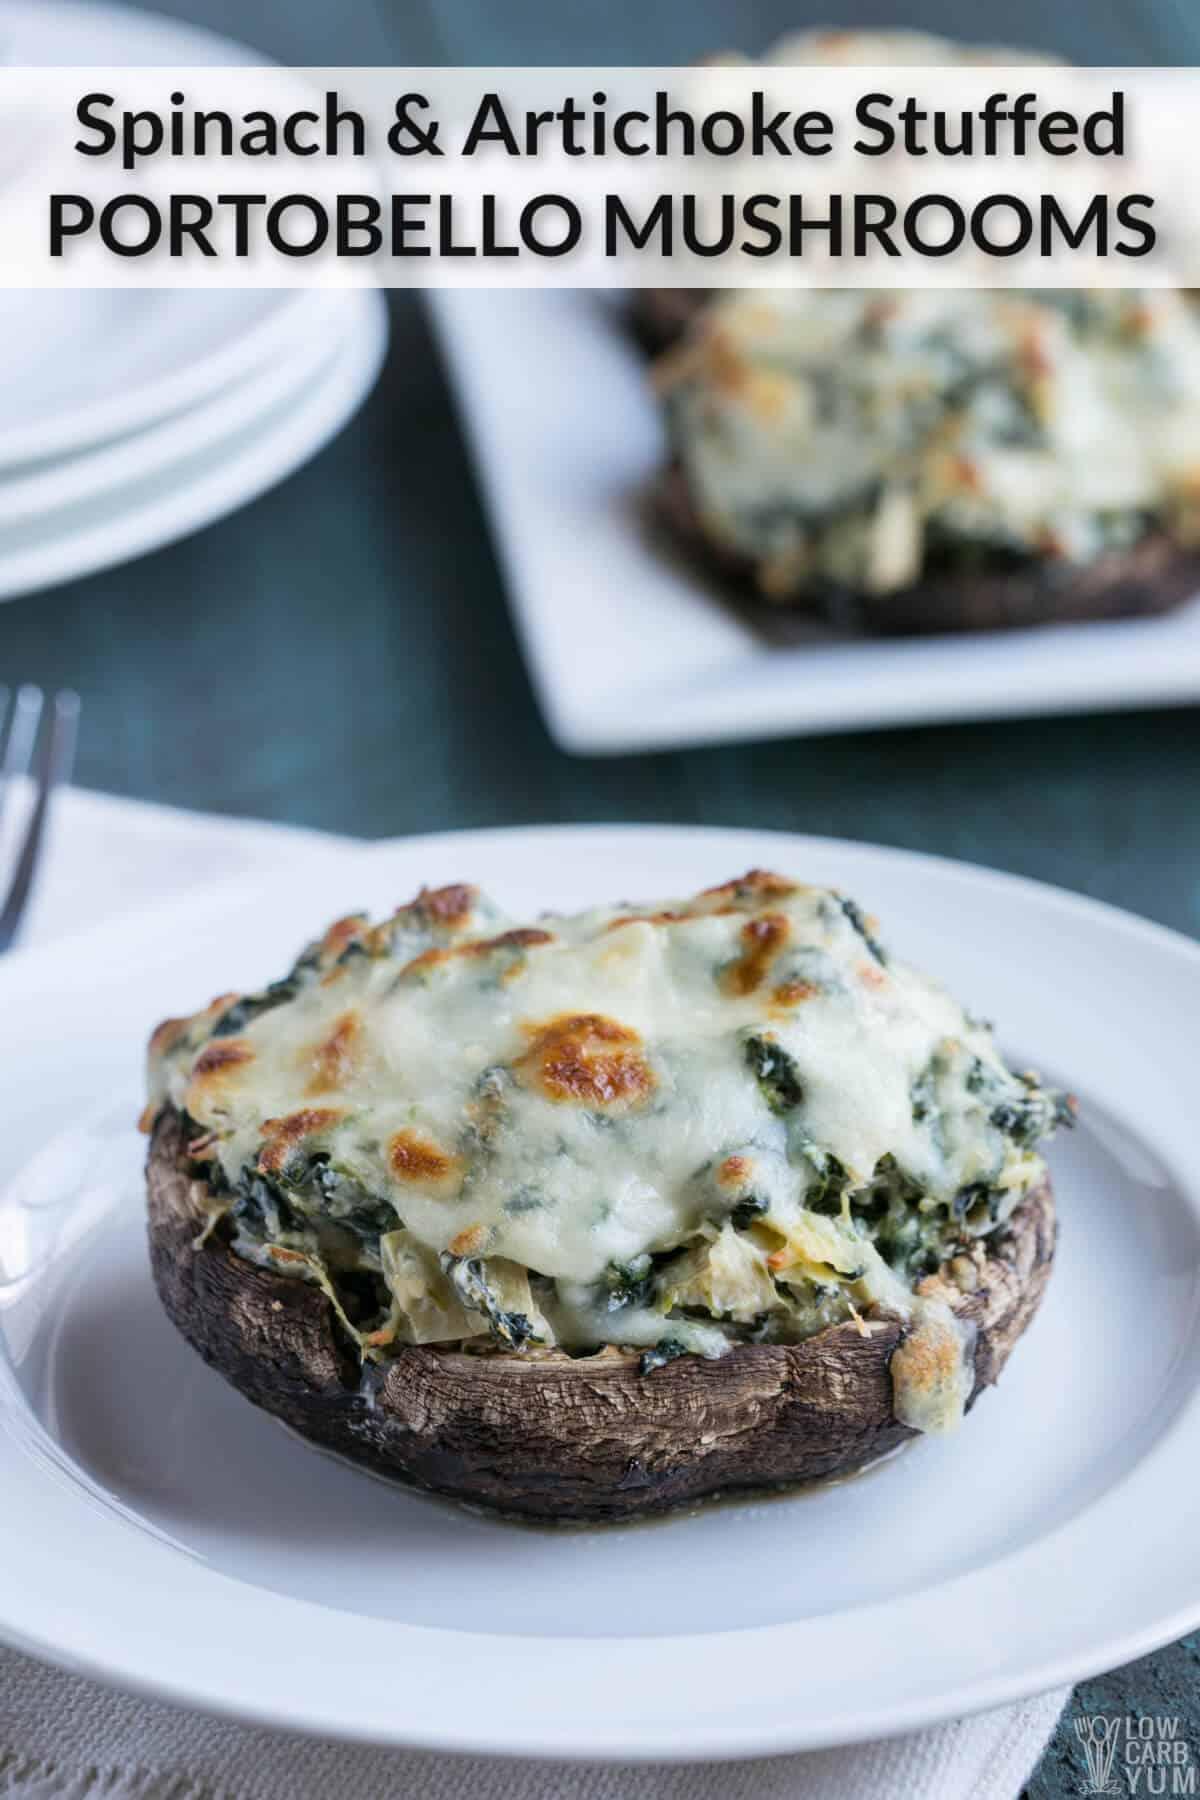 spinach artichoke stuffed portobello mushrooms cover image